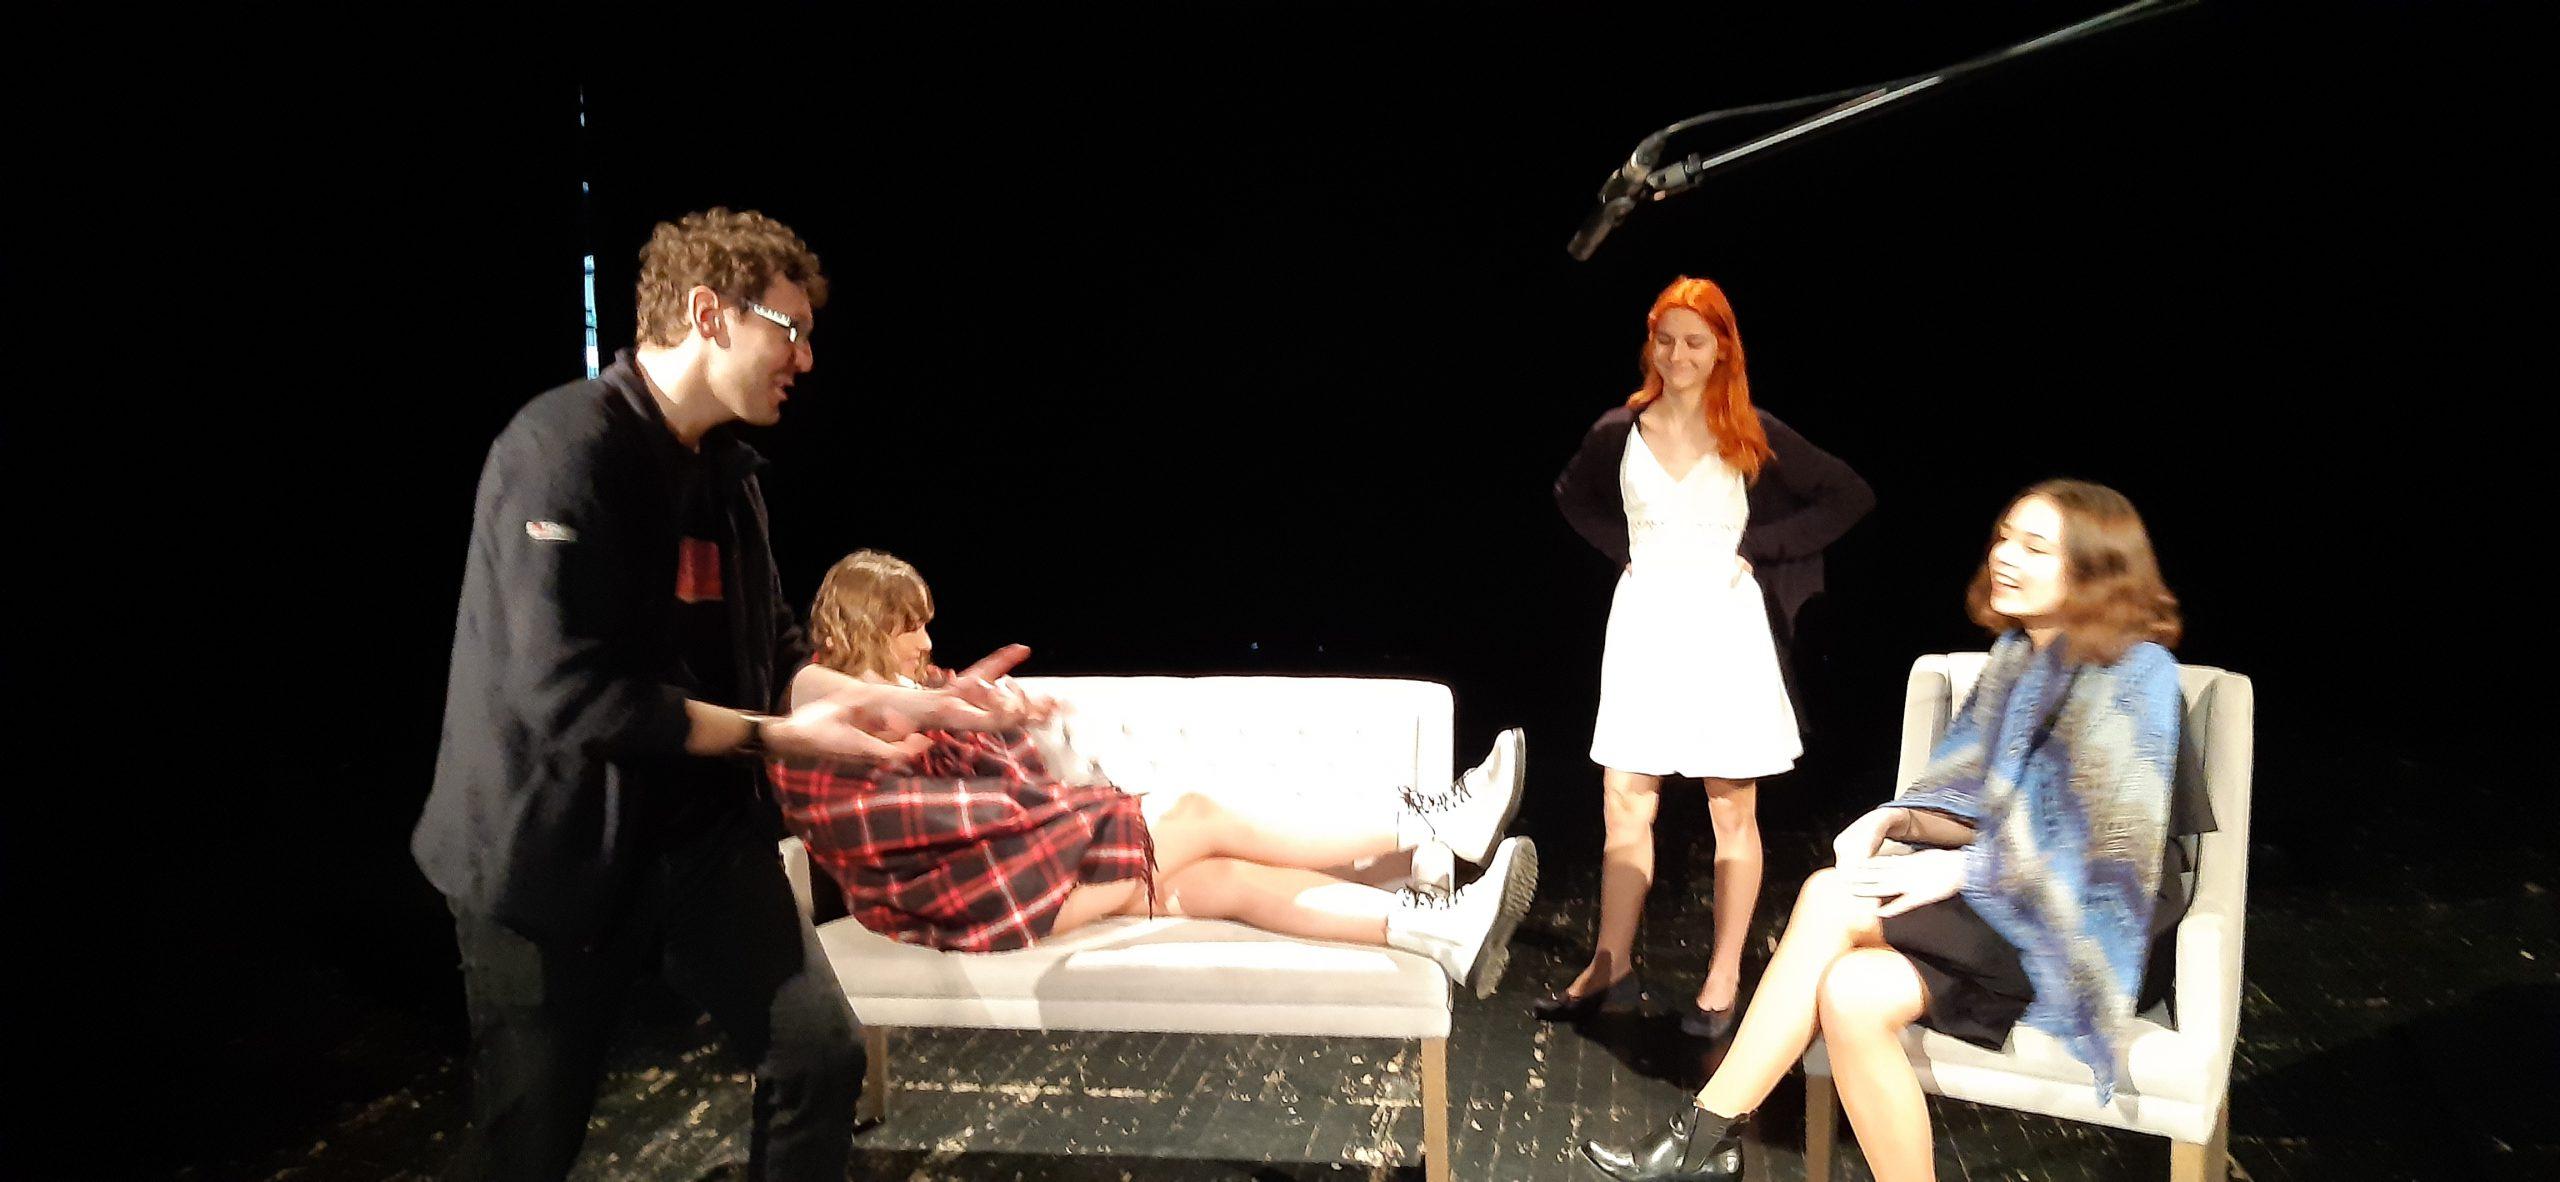 zajęcia teatralne na scenie